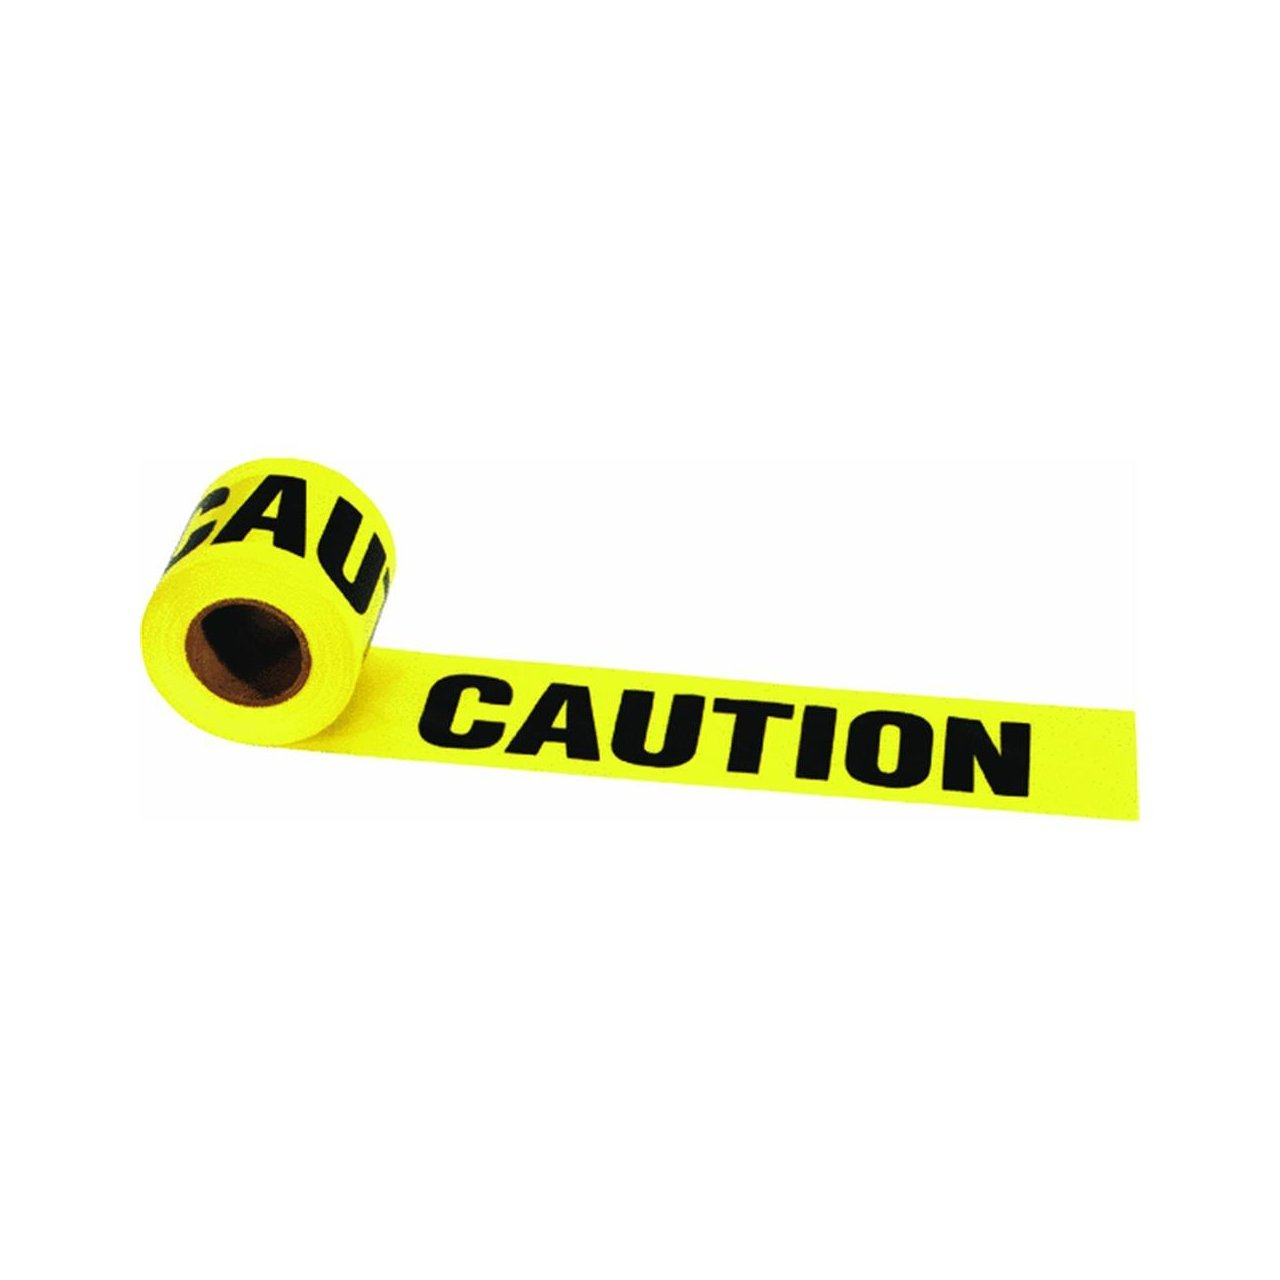 irwin 66200 strait-line caution barrier tape